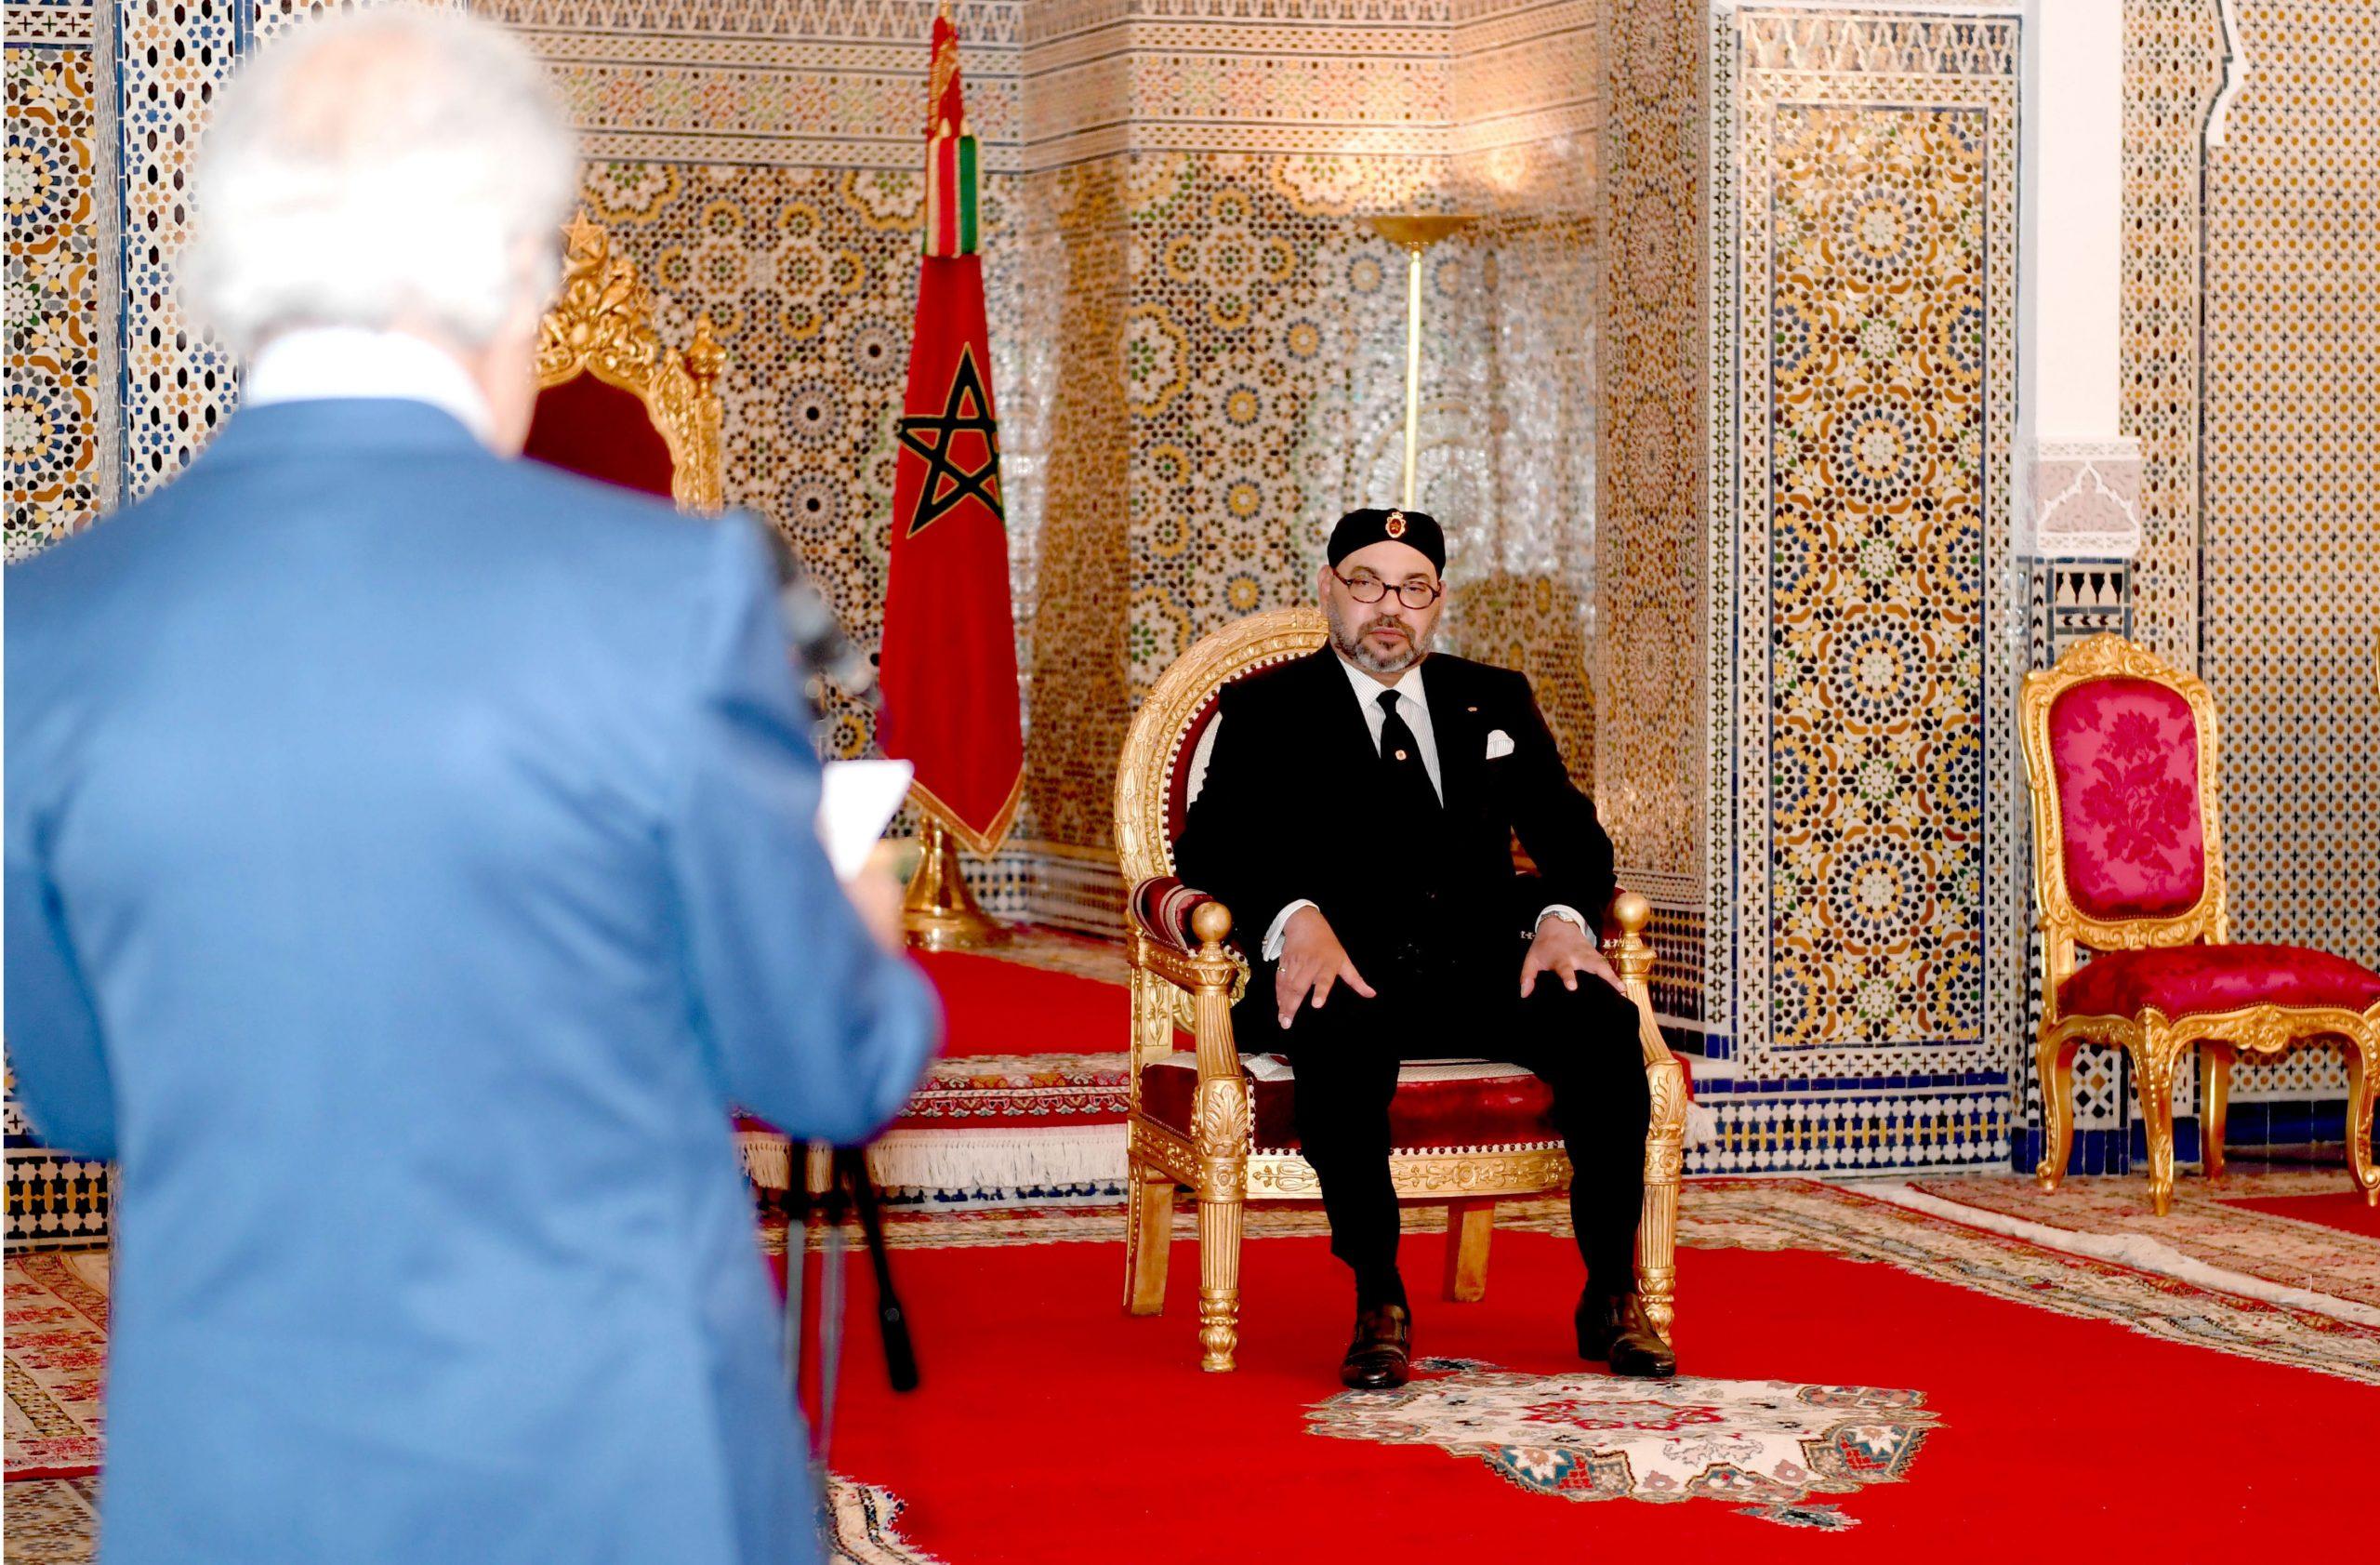 صورة خبير سياسي: الملك يدعو إلى تقويم الاختلالات التي تعترض مشاريع عديدة